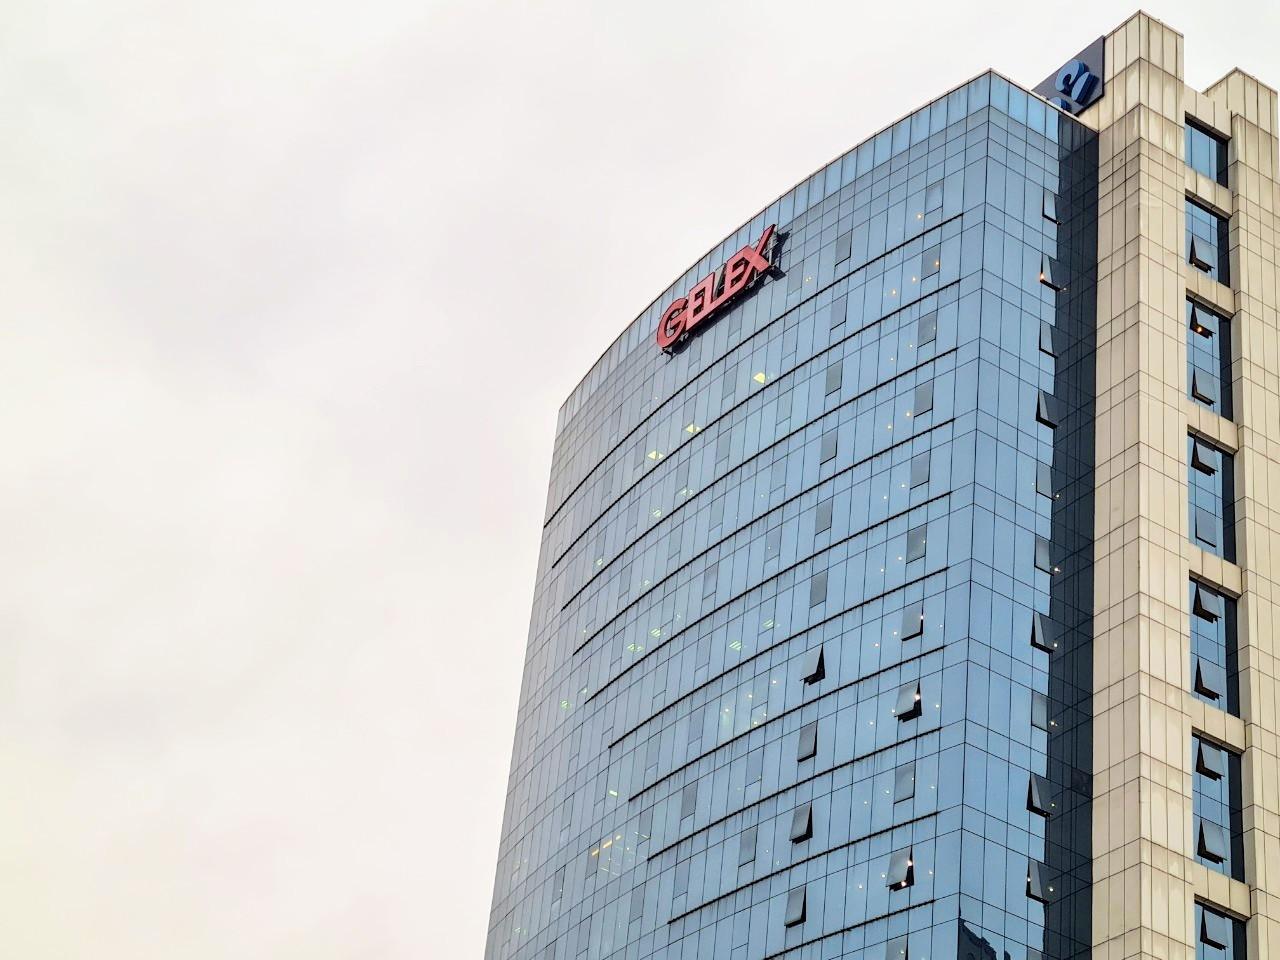 Gelex dự định cho công con vay tối đa 2.600 tỷ đồng - Ảnh 1.